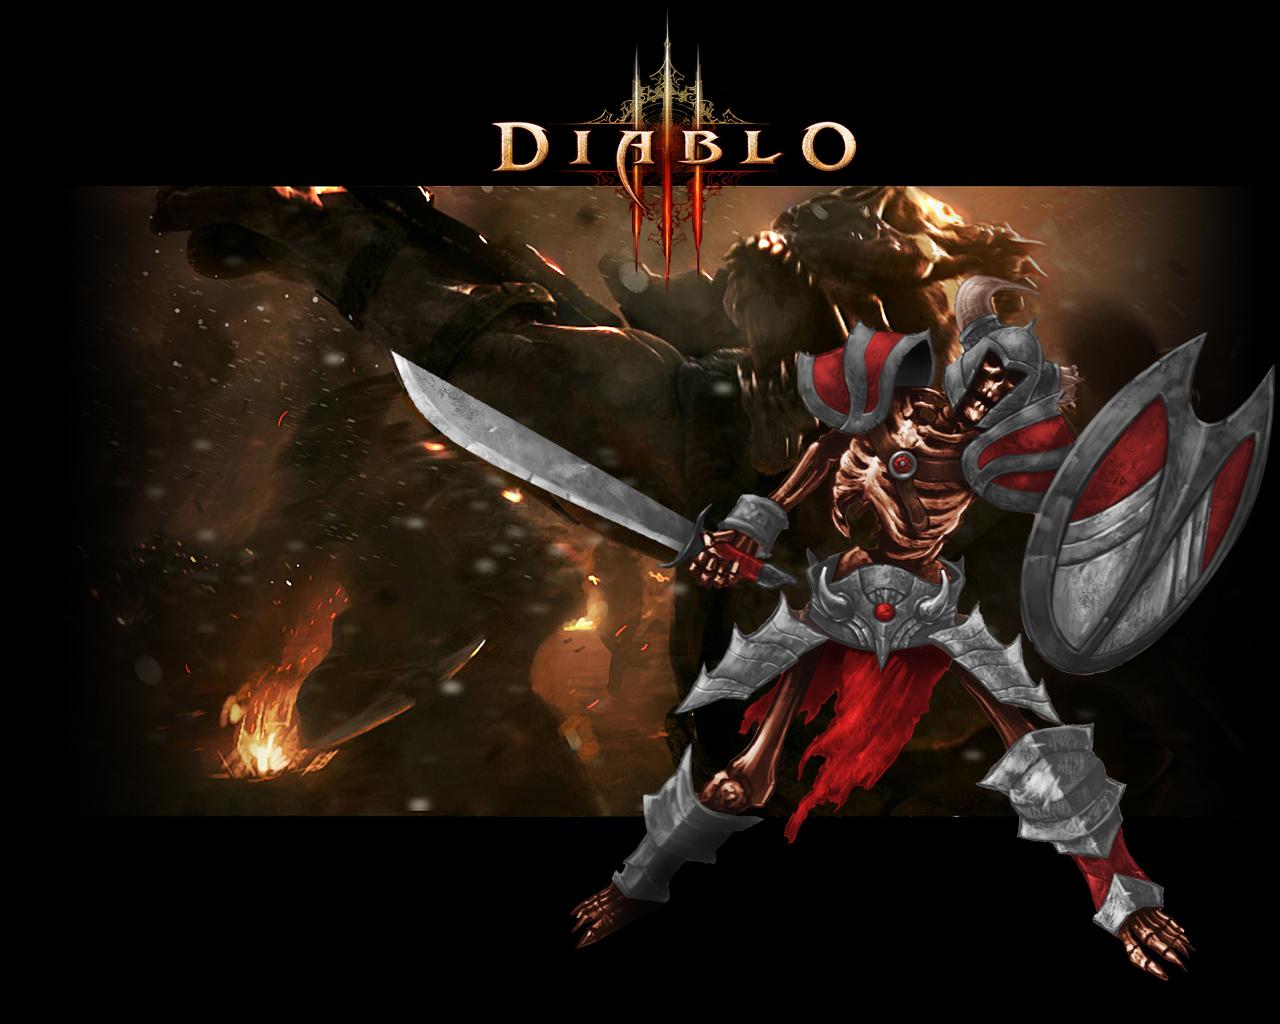 Dioblo clipart – 3 Clipart Clip Diablo